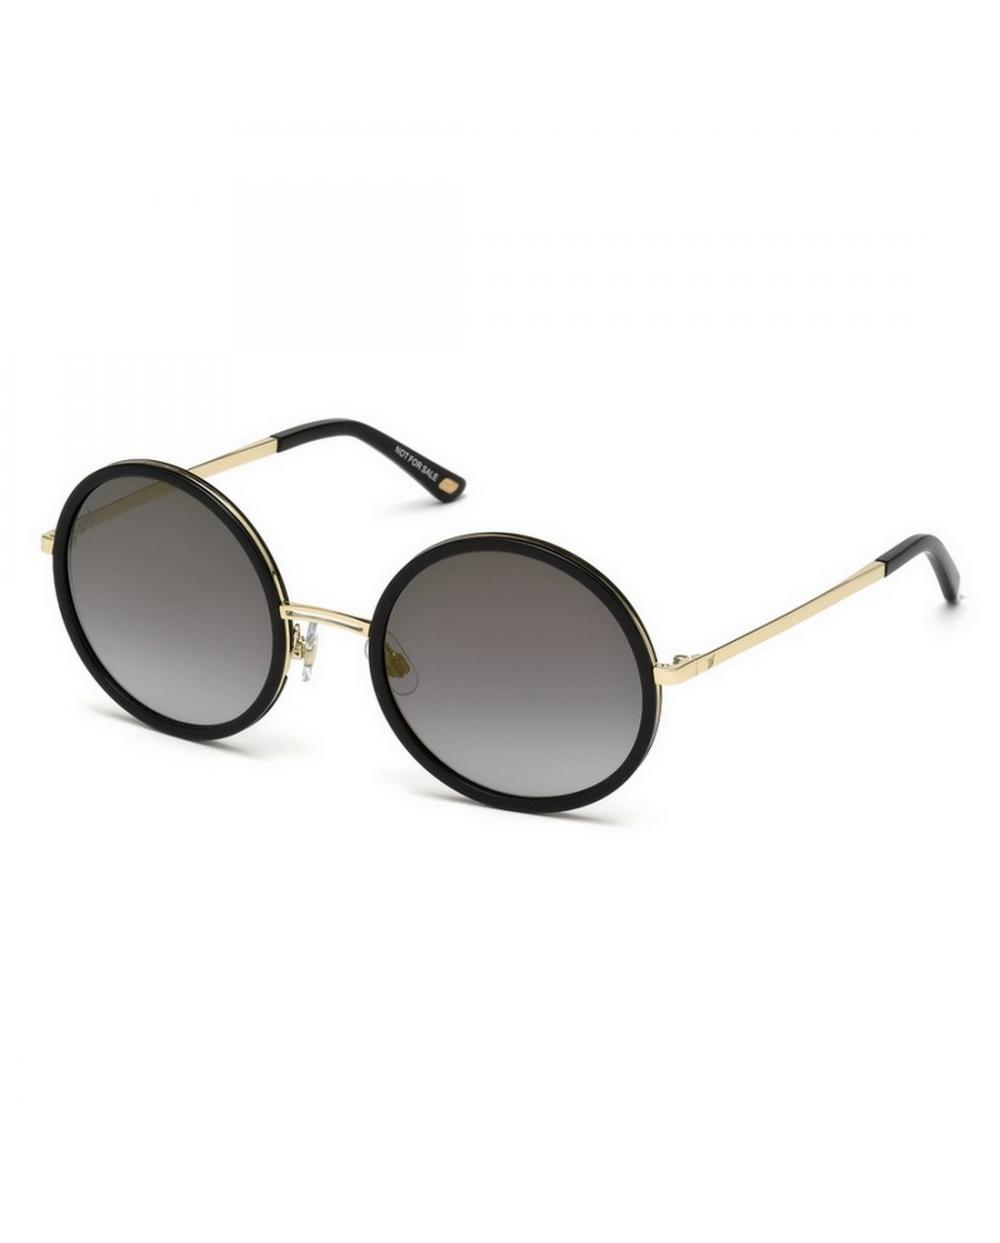 Sonnenbrille von Web WE 0200 originalverpackung garantie italien